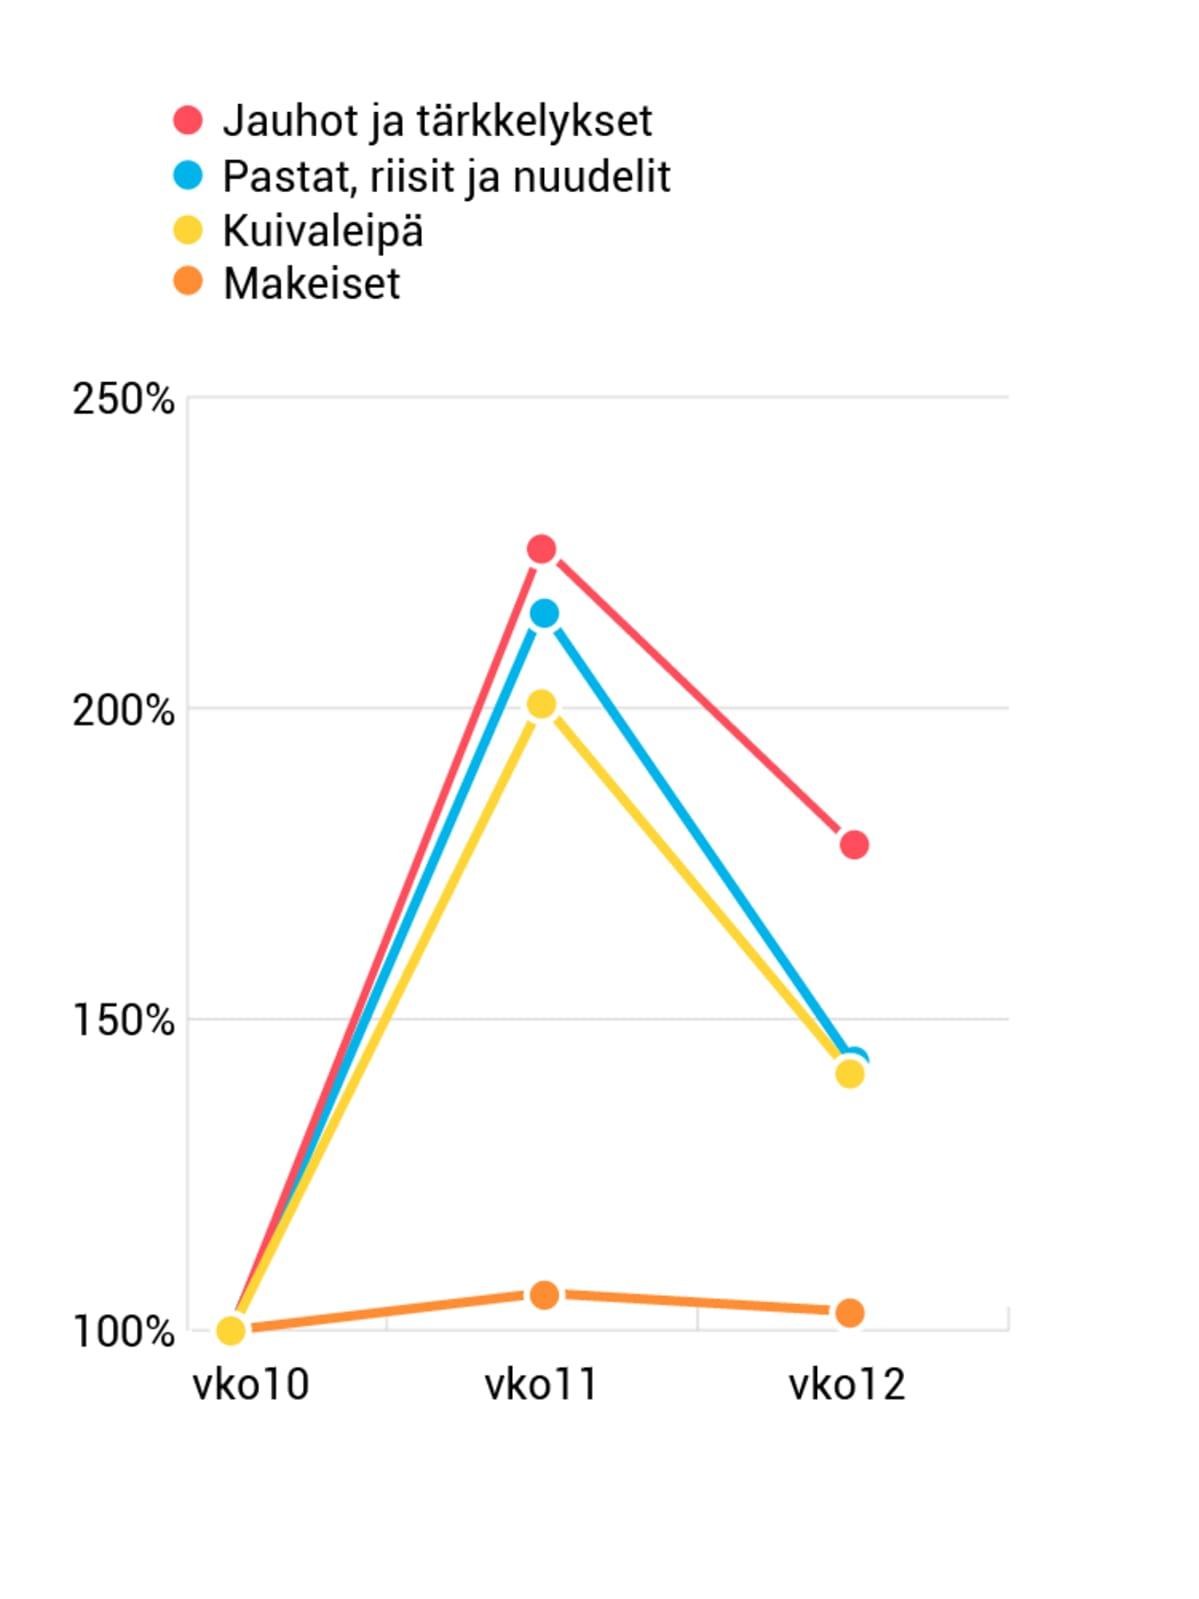 Kuivassa säilyvien elintarvikkeiden kulutus viikoilla 10-12.